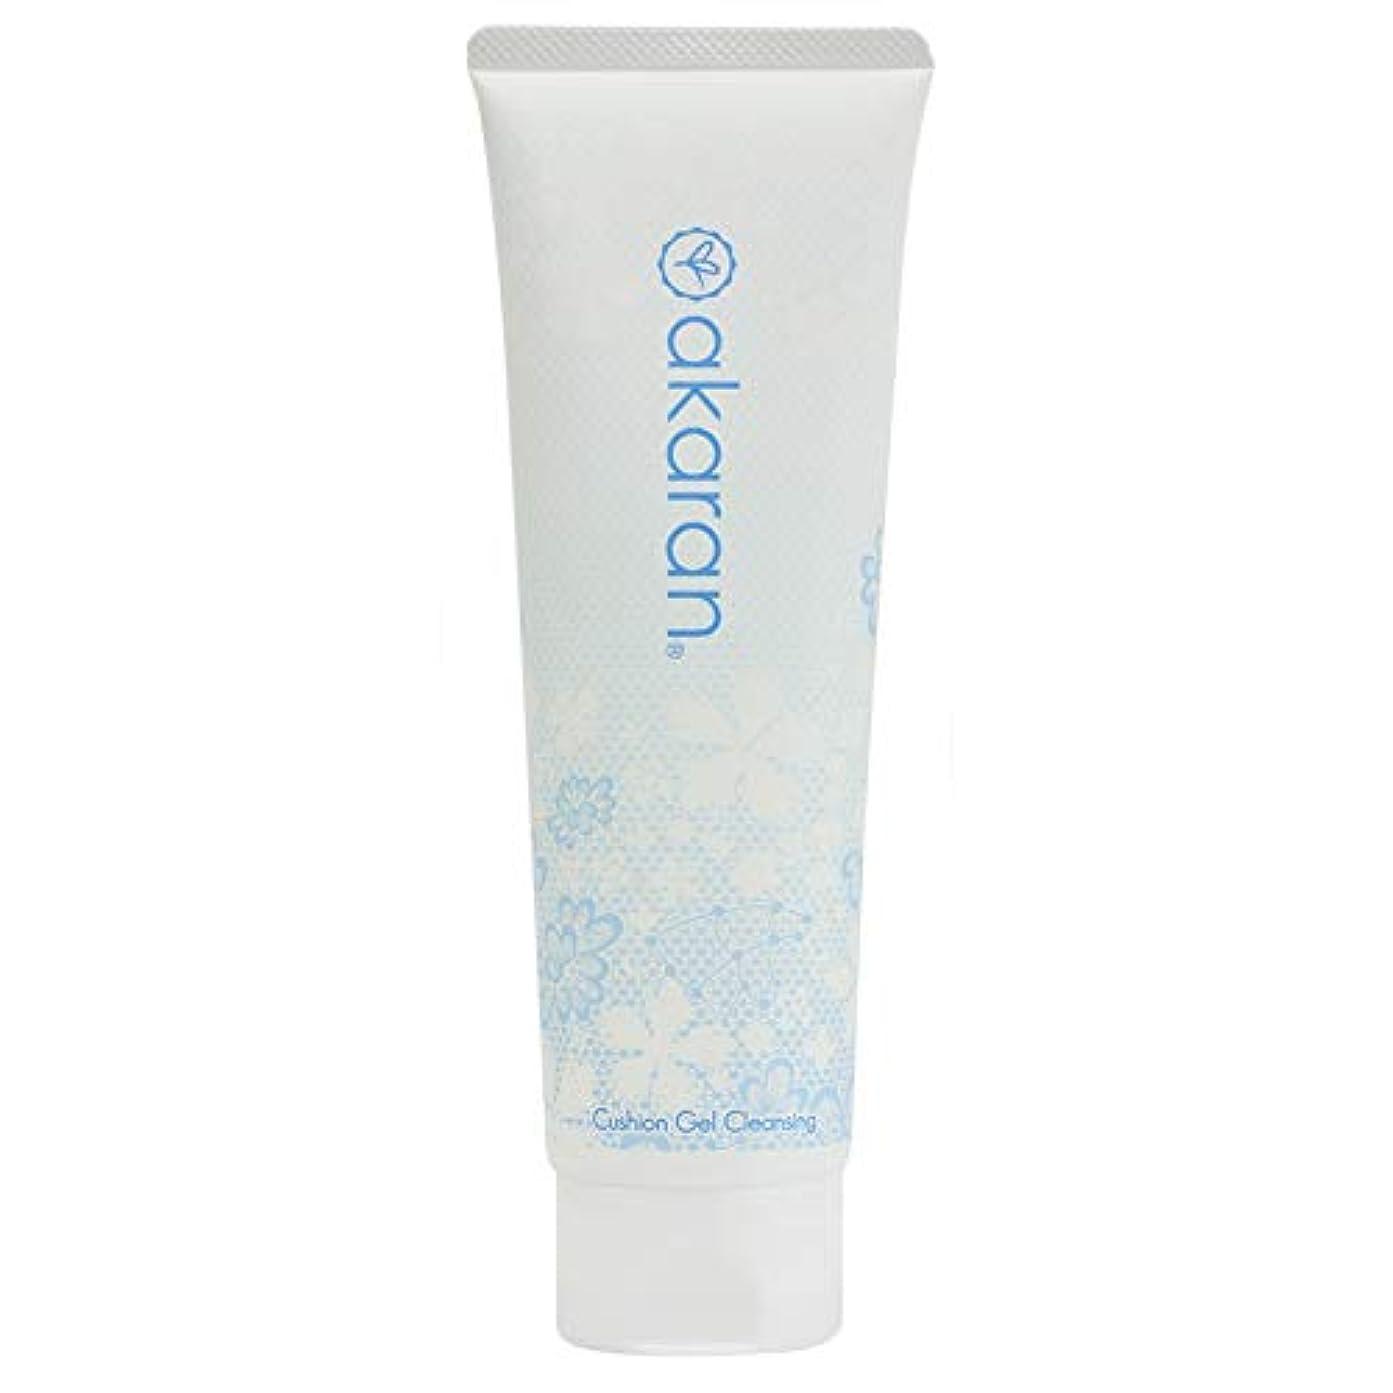 確立隔離未使用アカラン クッションジェルクレンジング 150g 乾燥肌 敏感肌 無添加 W洗顔不要 毛穴黒ずみ除去 オイルフリー